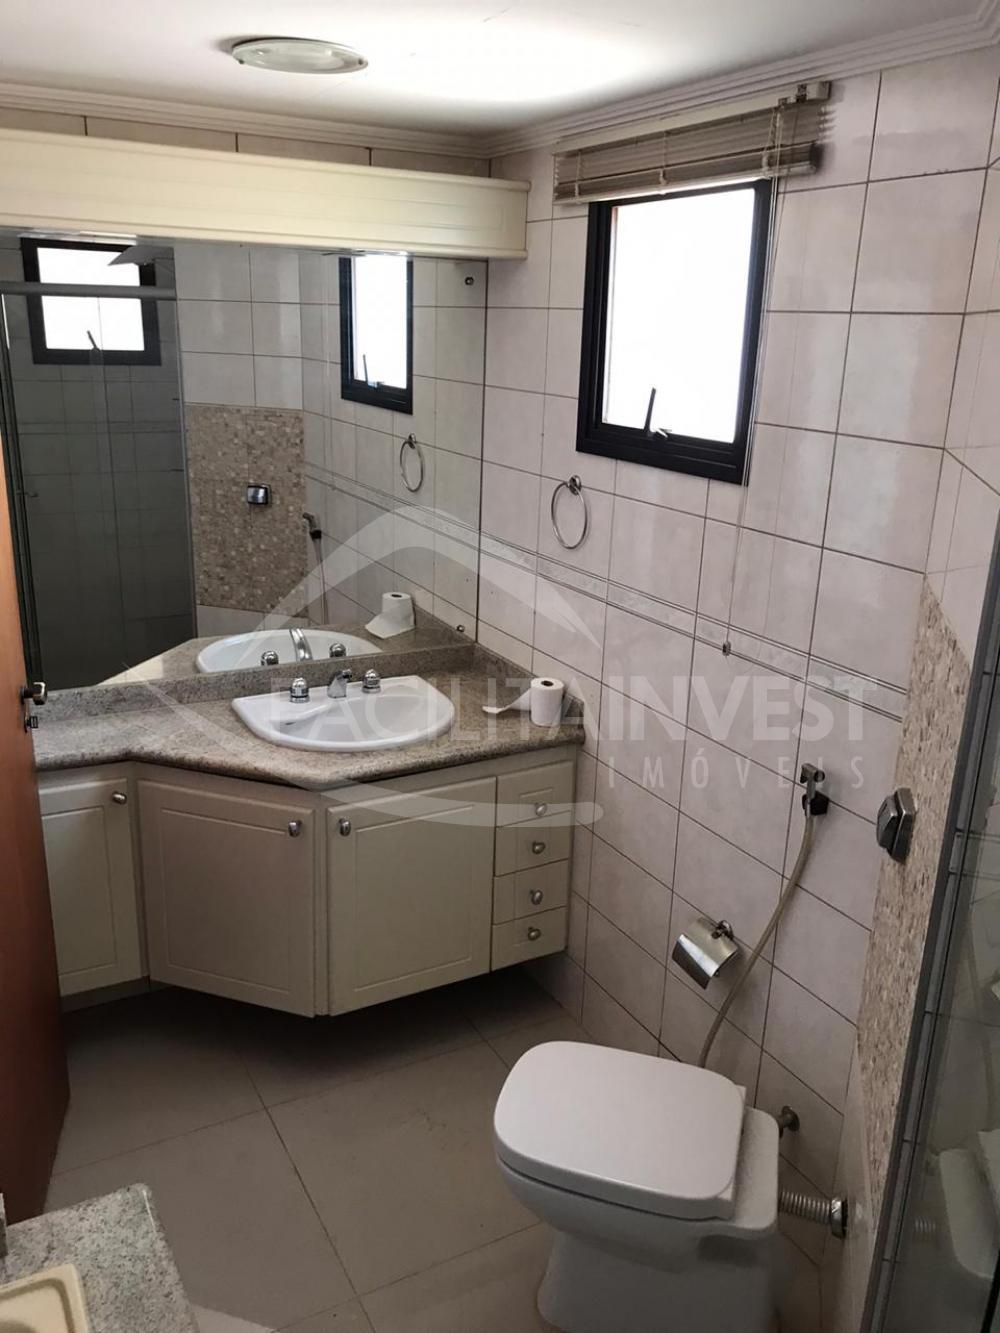 Comprar Apartamentos / Apart. Padrão em Ribeirão Preto apenas R$ 460.000,00 - Foto 14